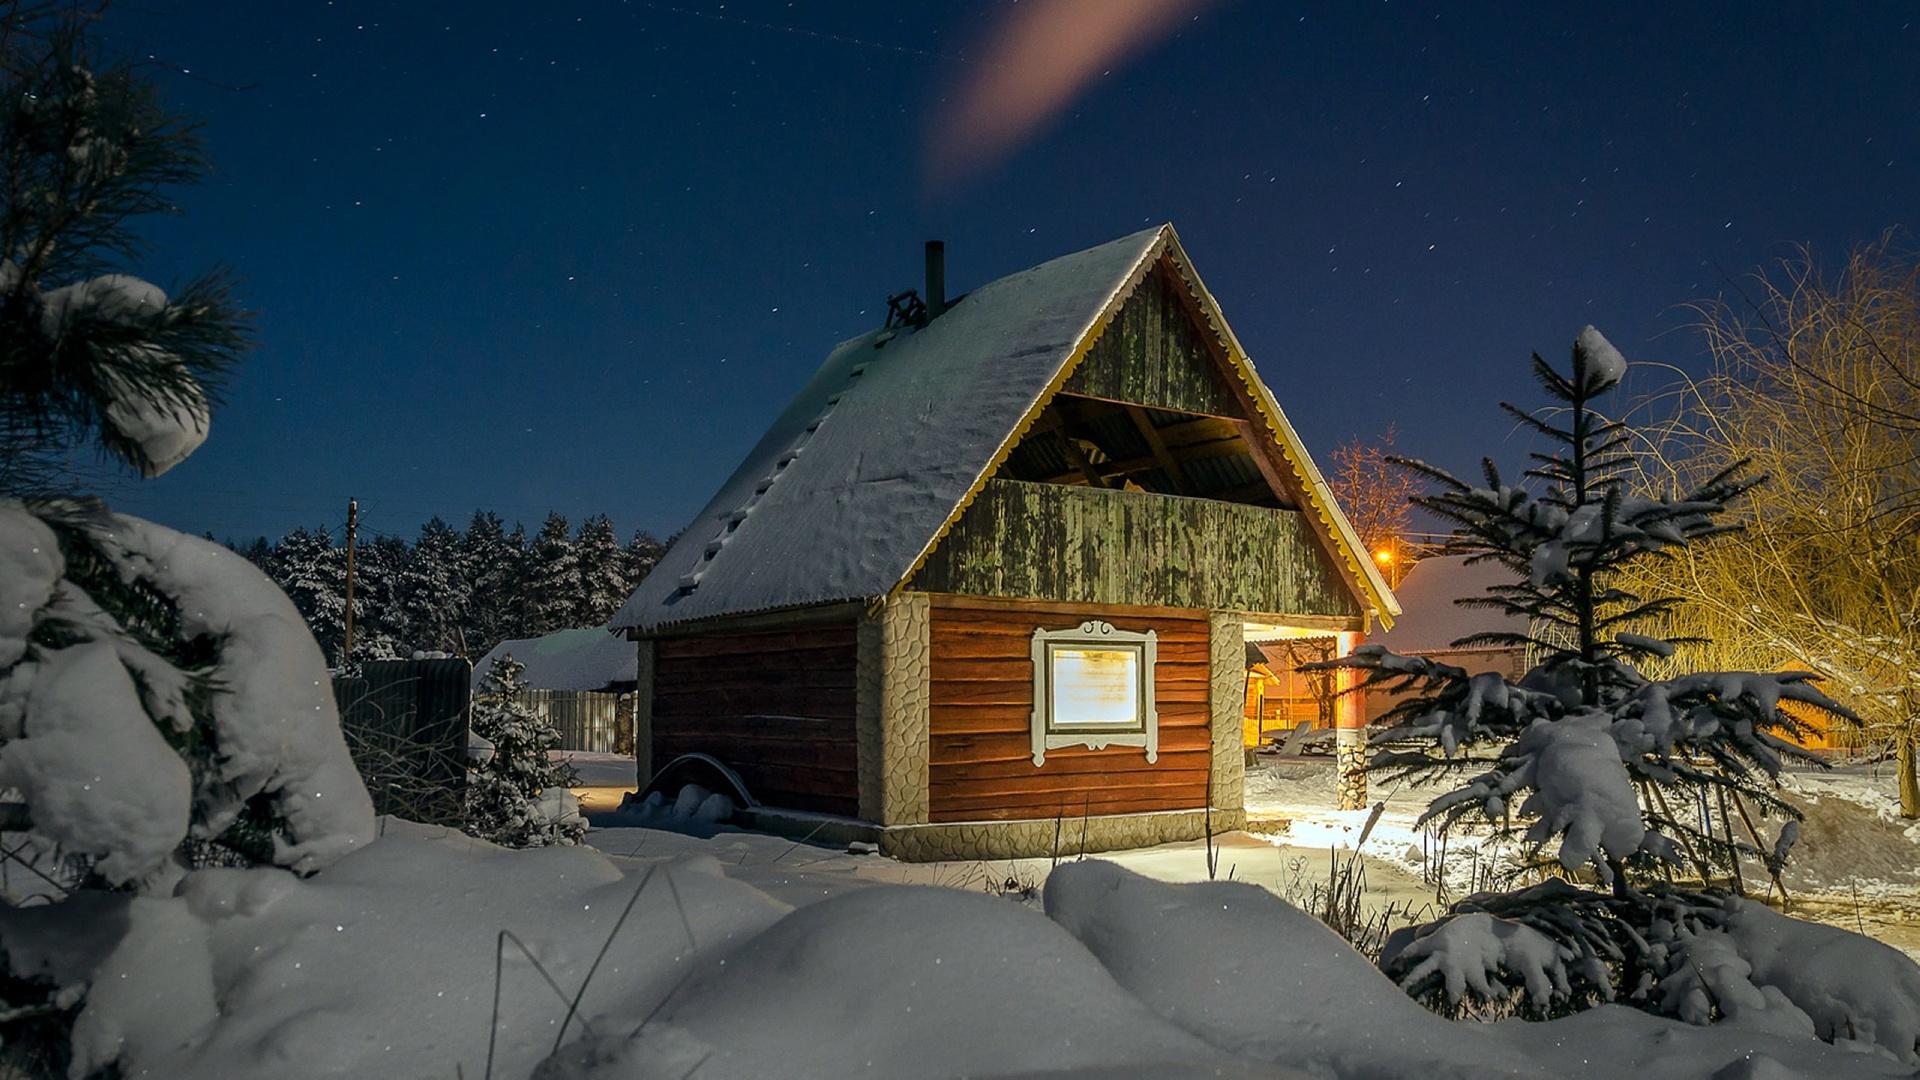 случай зимний дом фото картинки ёжики ёжики